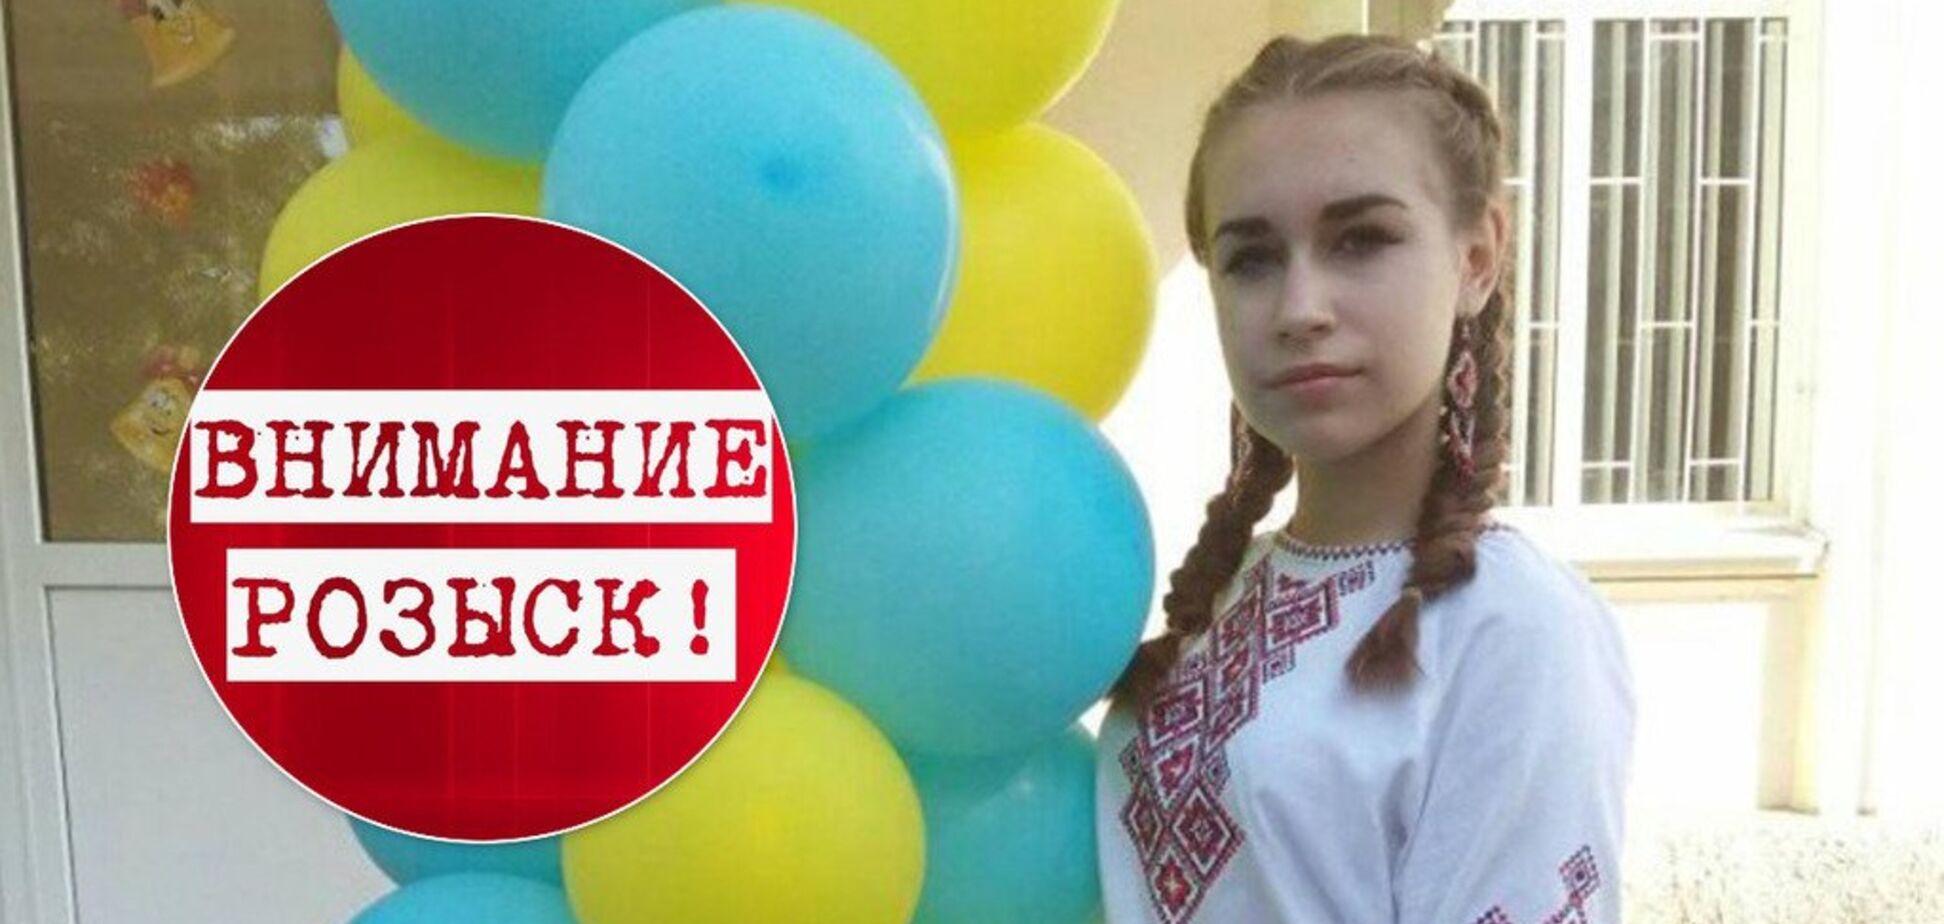 Не повернулася зі школи: в Дніпрі шукають зниклу дівчинку-підлітка